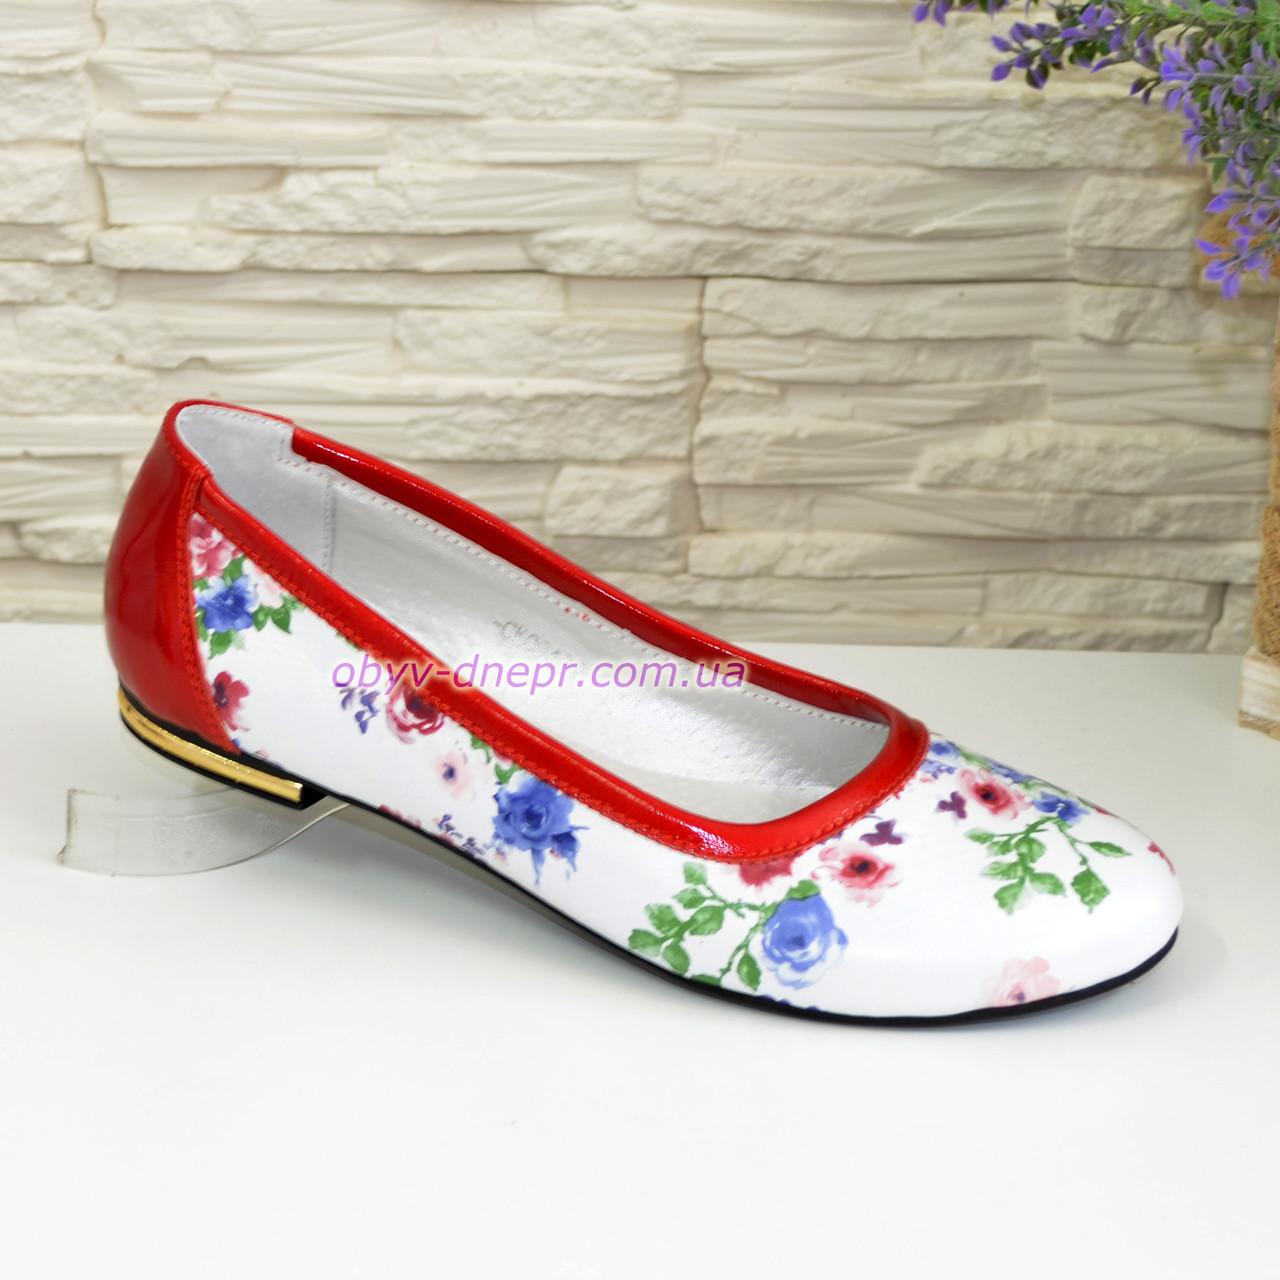 Женские кожаные стильные туфли, цвет красный/цветы, фото 1